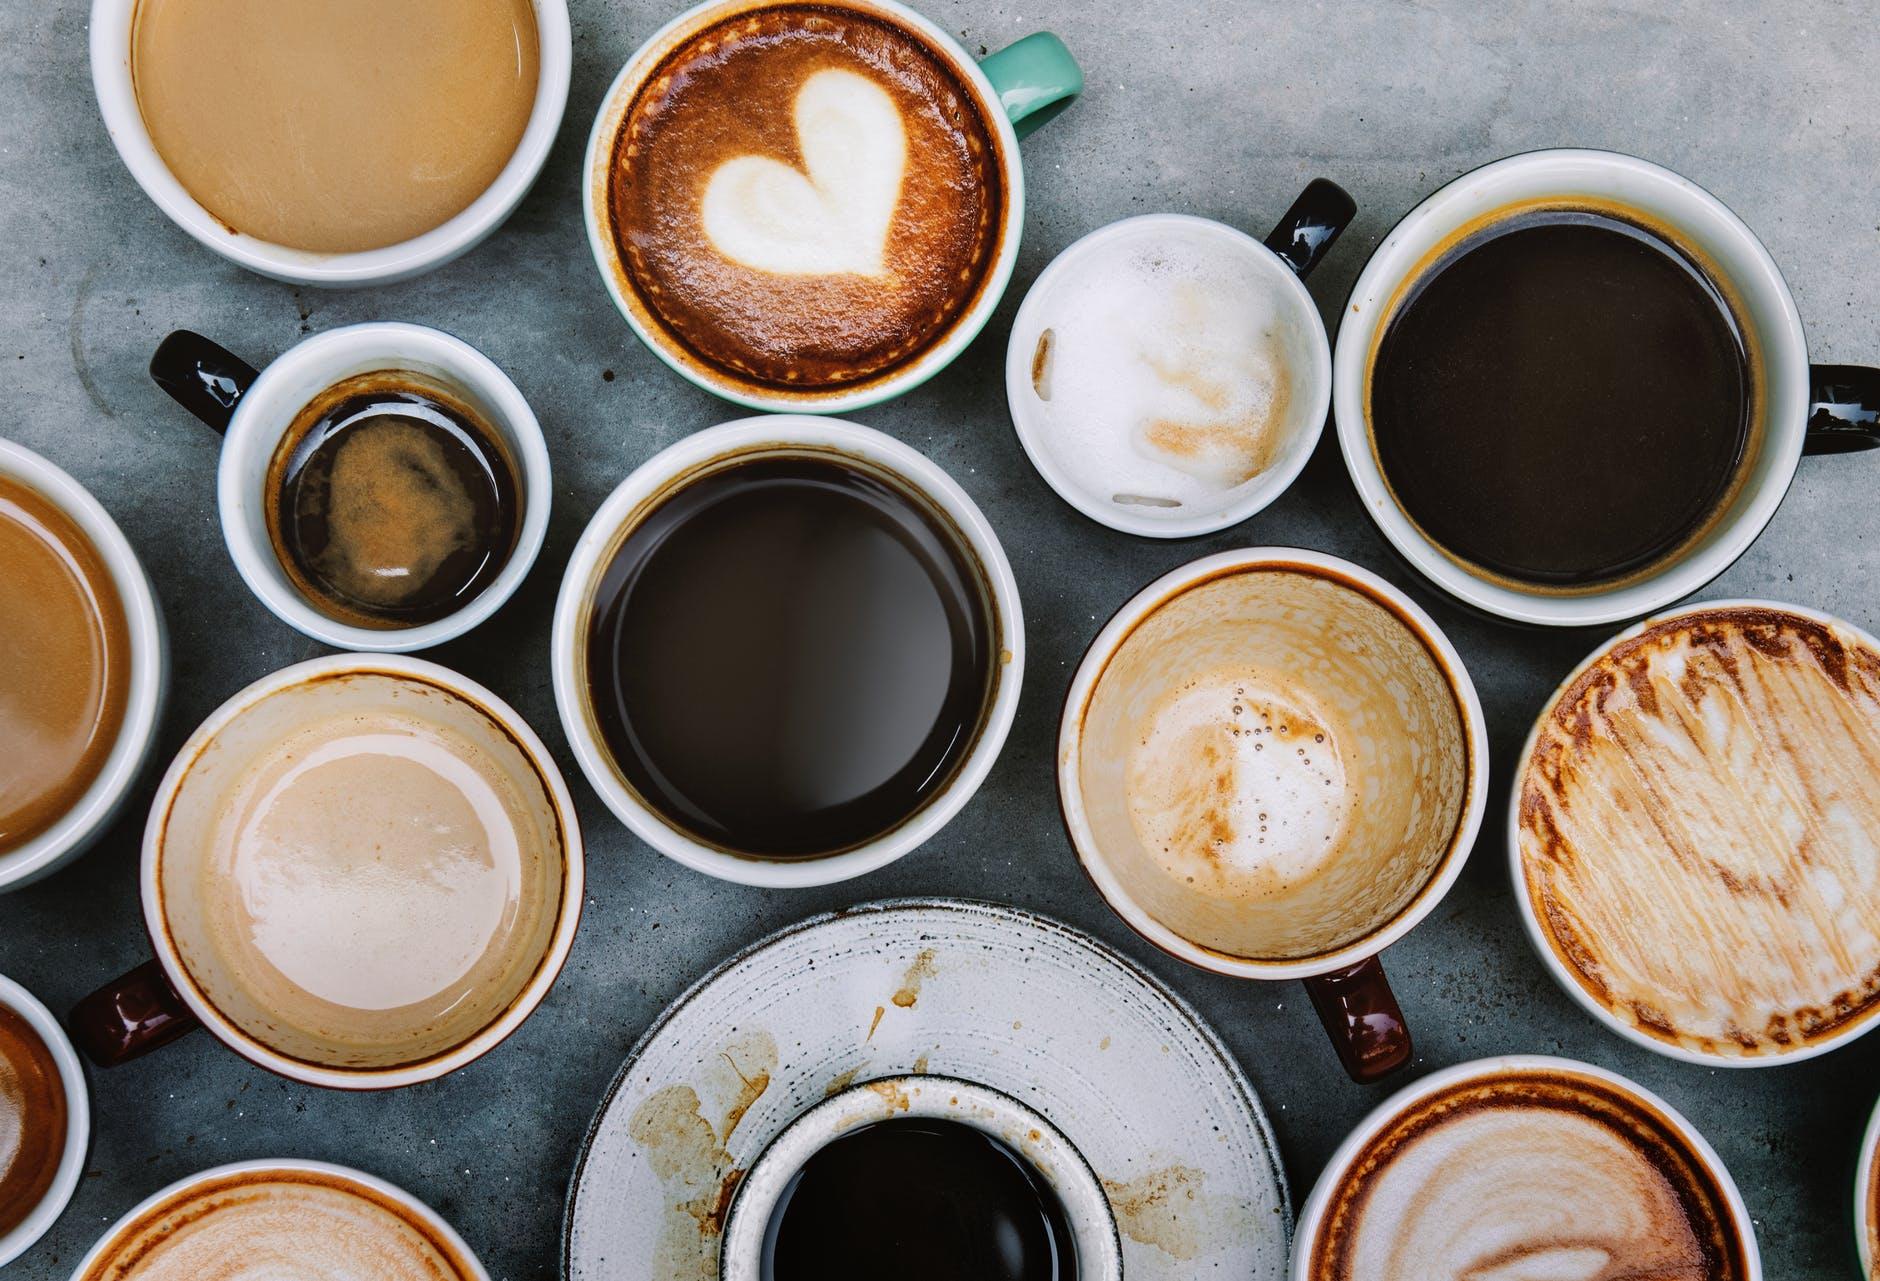 กาแฟ วิธีลดความอ้วน หญ้าหวาน